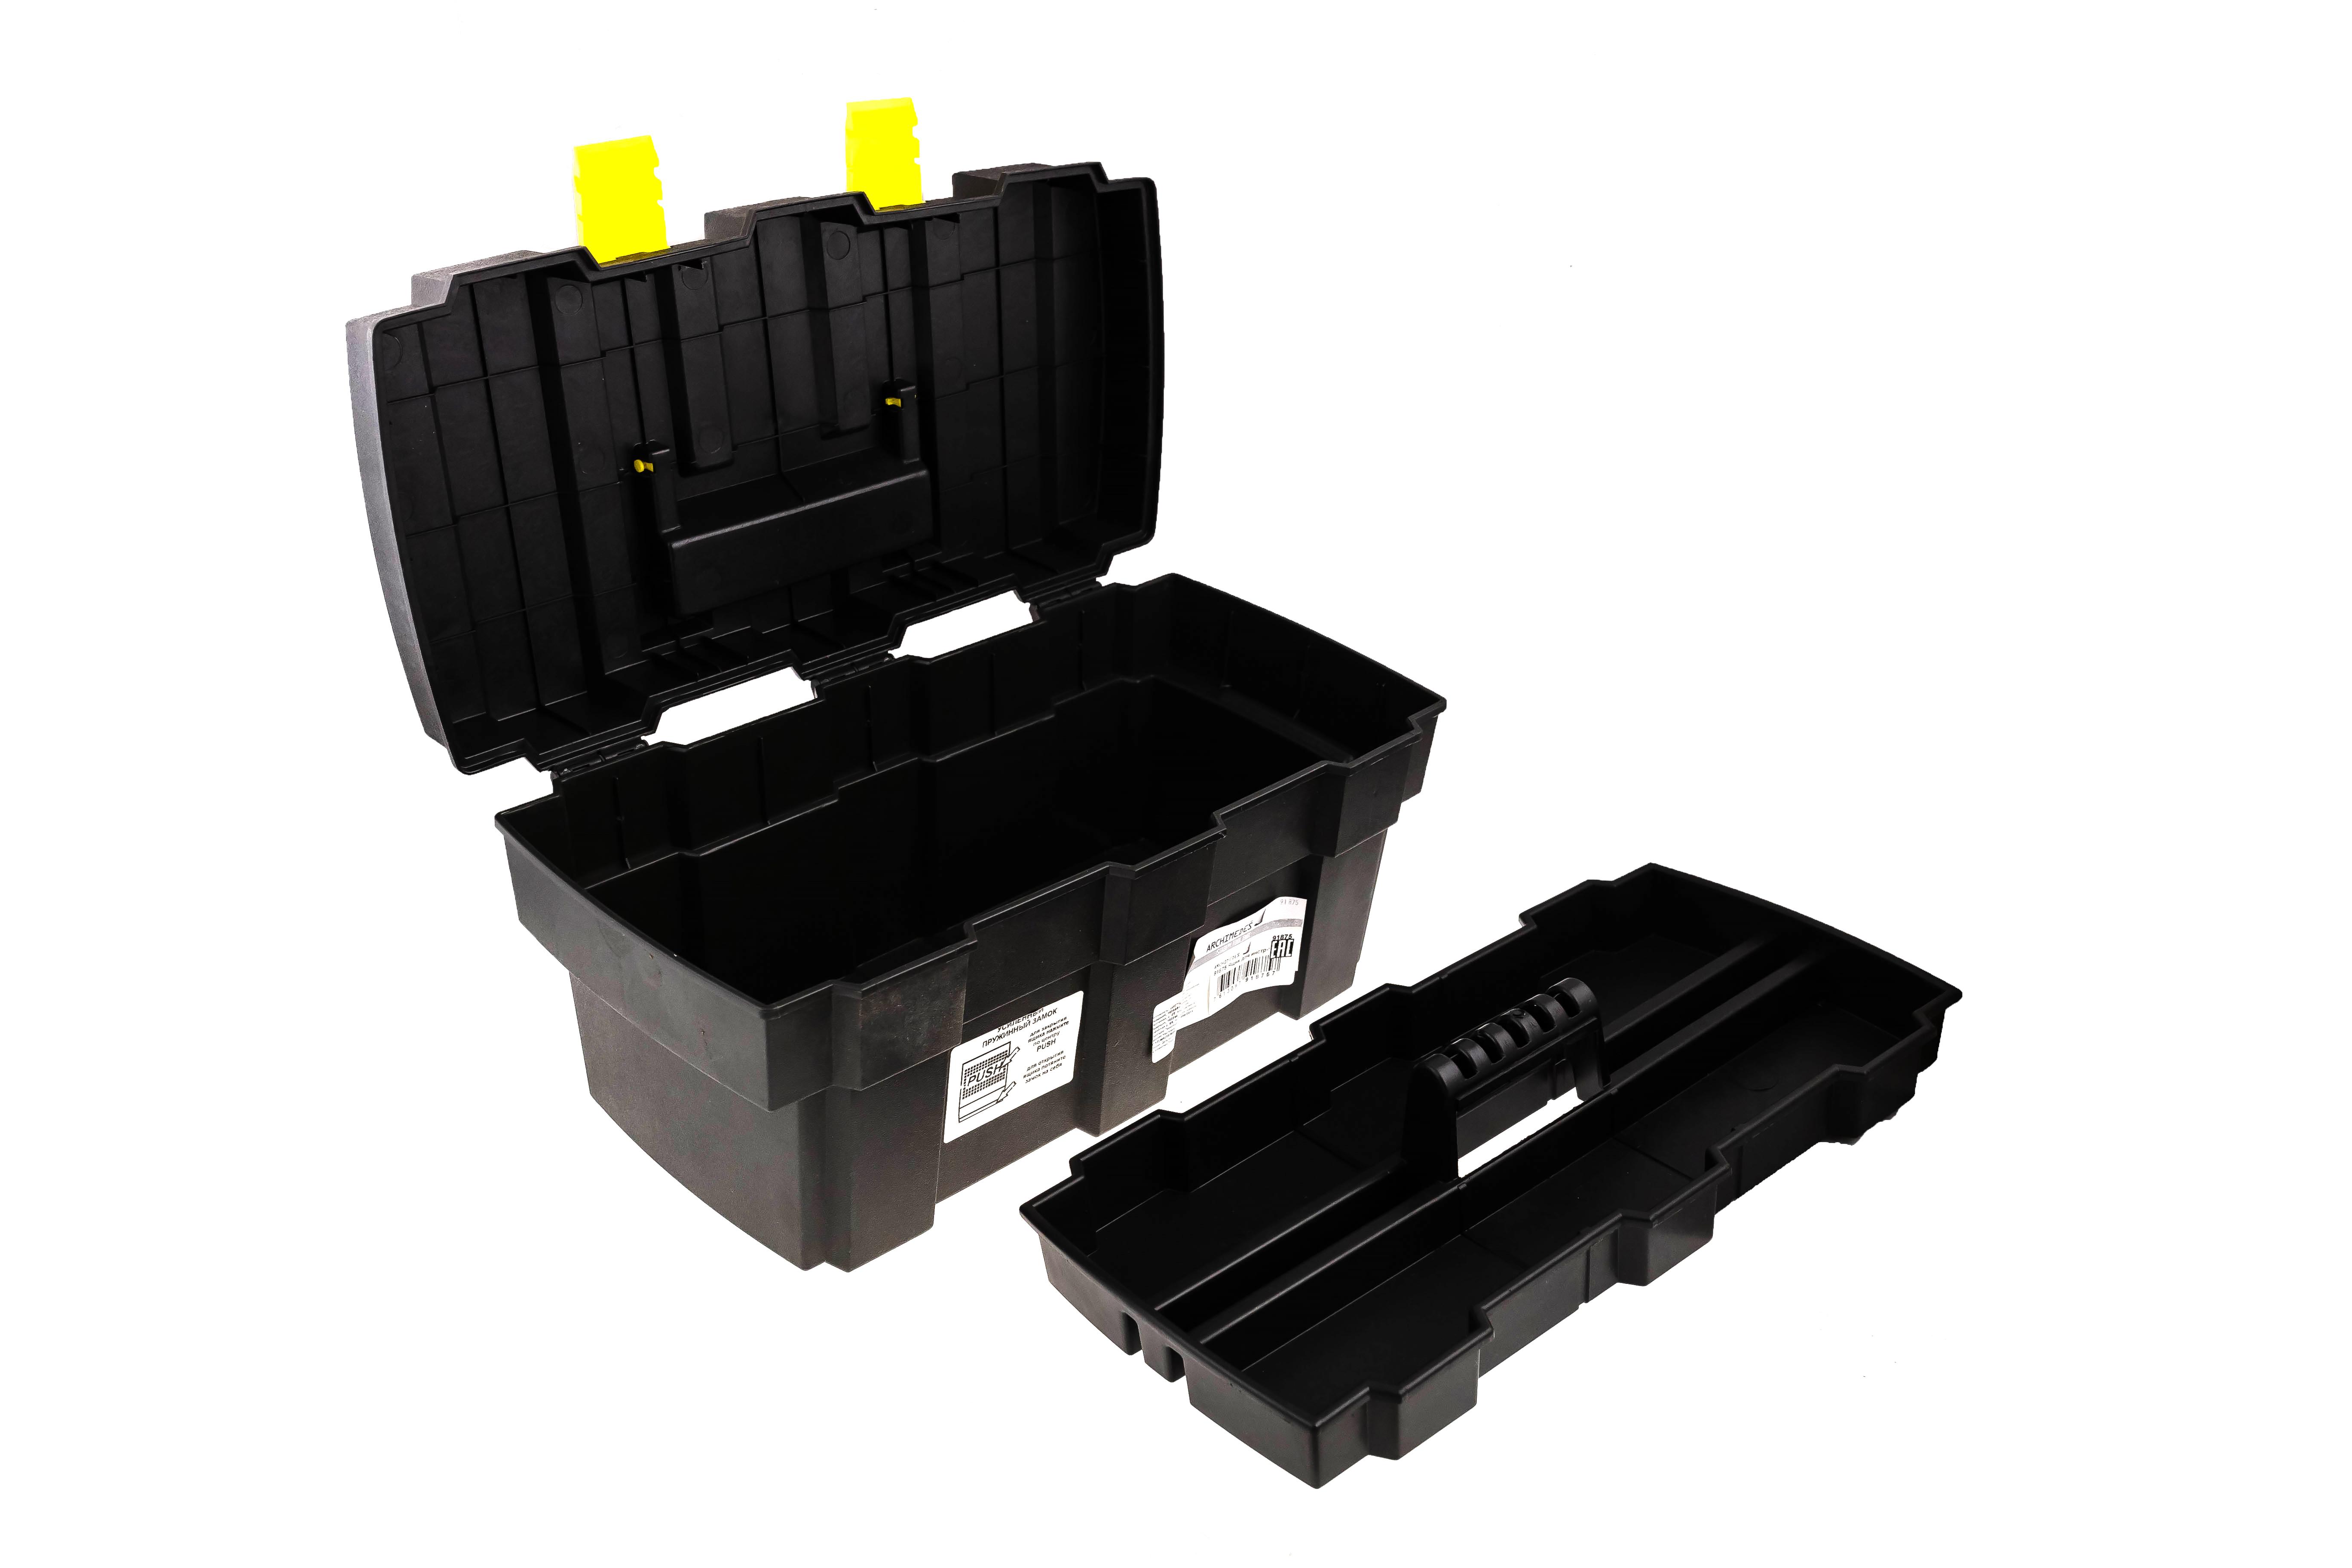 Ящик для инструментов Archimedes Ящик для инстр-та пластик 13, 333х177х155мм ящик для рассады archimedes урожай 2